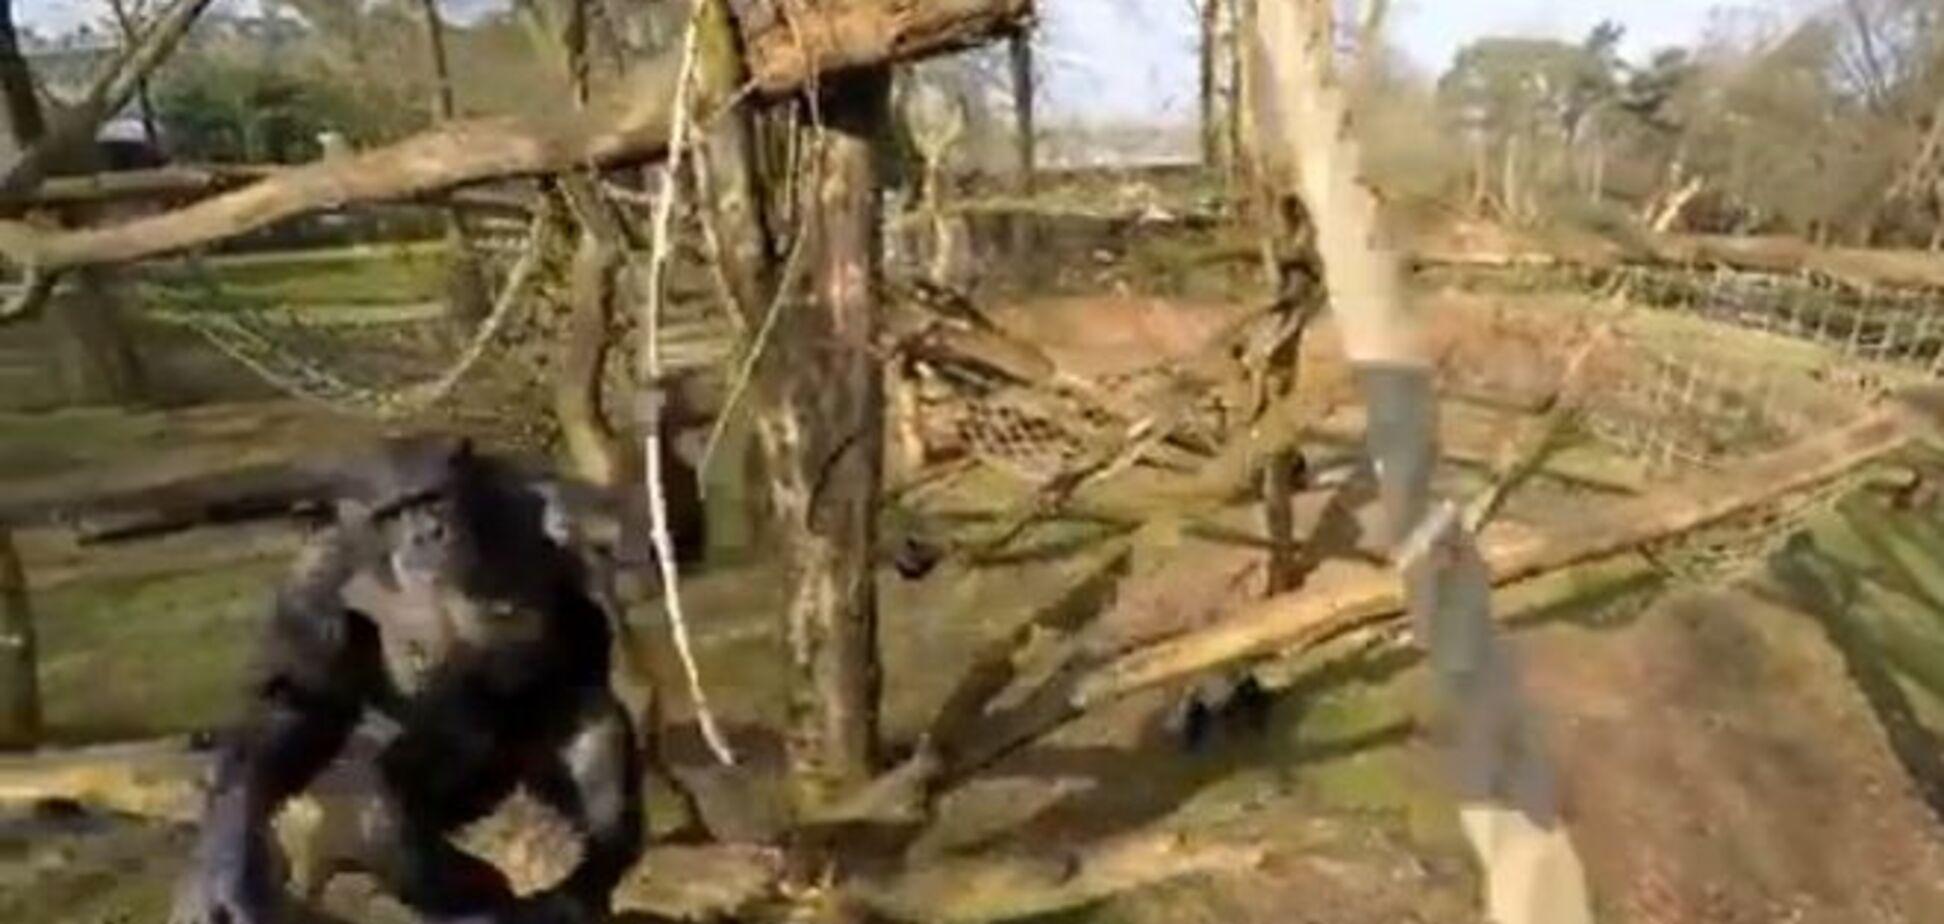 Обезьяна в зоопарке сбила палкой беспилотник: видеофакт